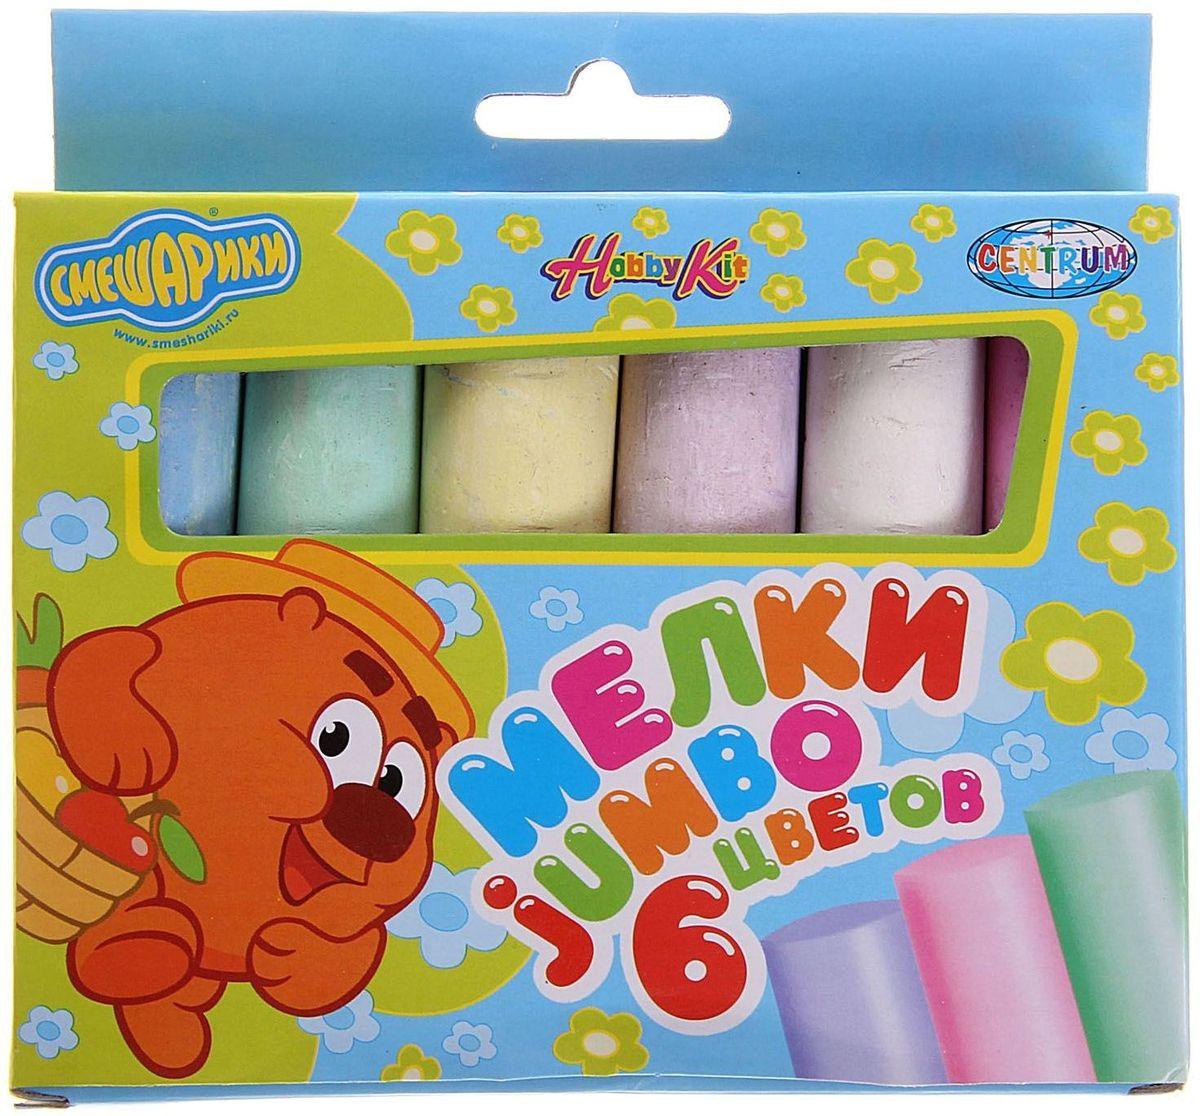 Смешарики Мелки 6 цветов524083Набор цветных мелков поможет детям создавать яркие большие картины на асфальте и других шероховатых поверхностях, развивая их творческие способности, воображение, цветовосприятие и моторику рук. В набор входит 6 разноцветных мелков с удобным квадратным сечением. Мелки имеют яркие цвета, прочны, устойчивы к стиранию.